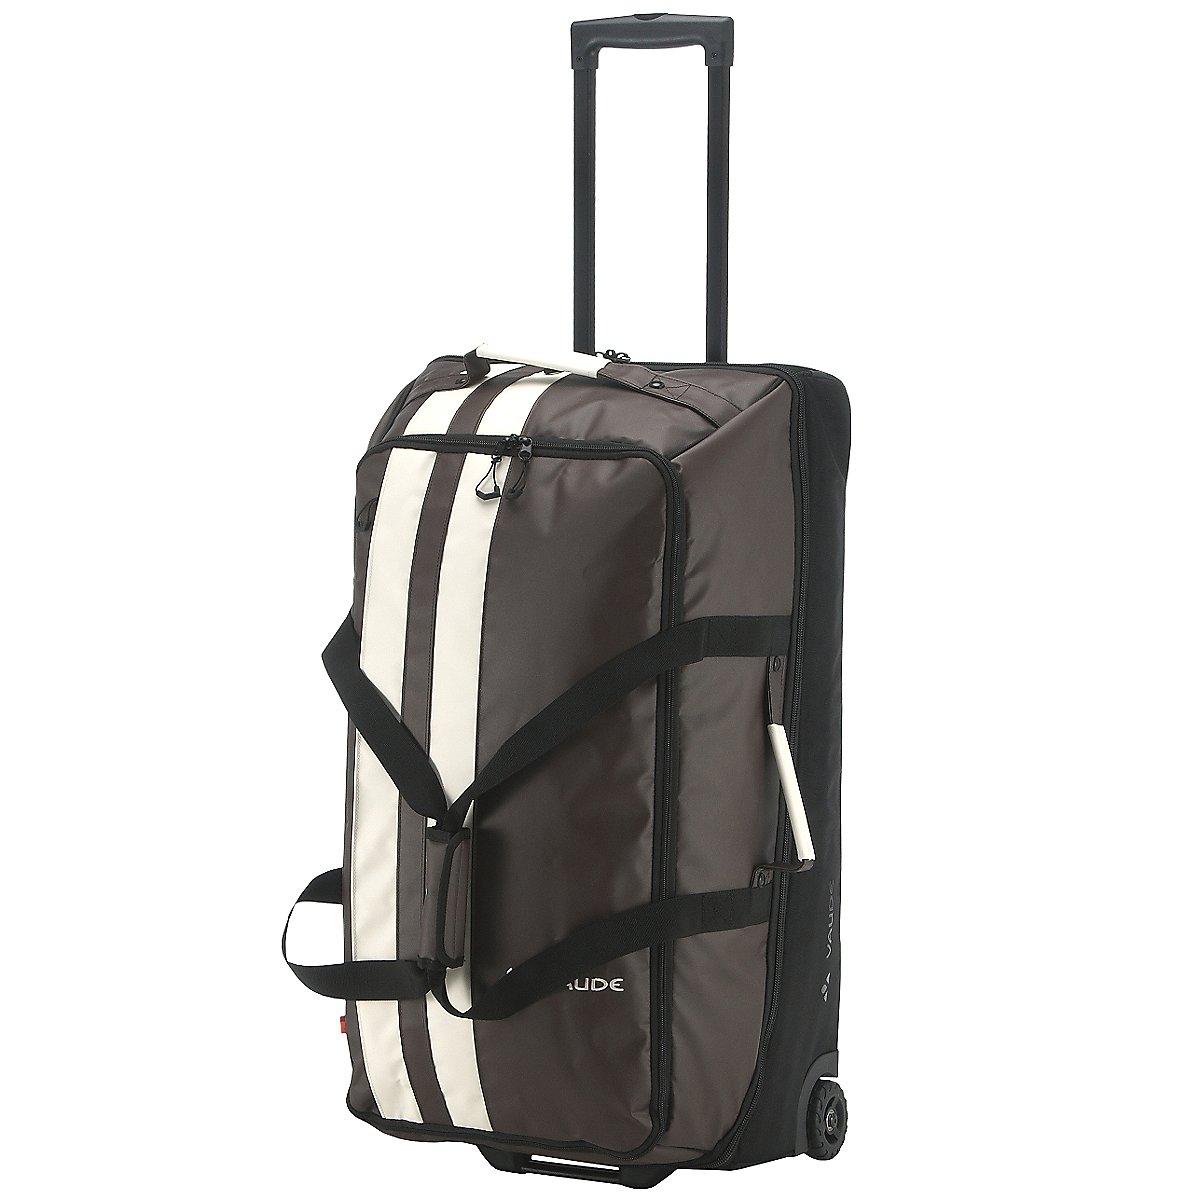 vaude new island tobago 90 reisetasche auf rollen 75 cm. Black Bedroom Furniture Sets. Home Design Ideas